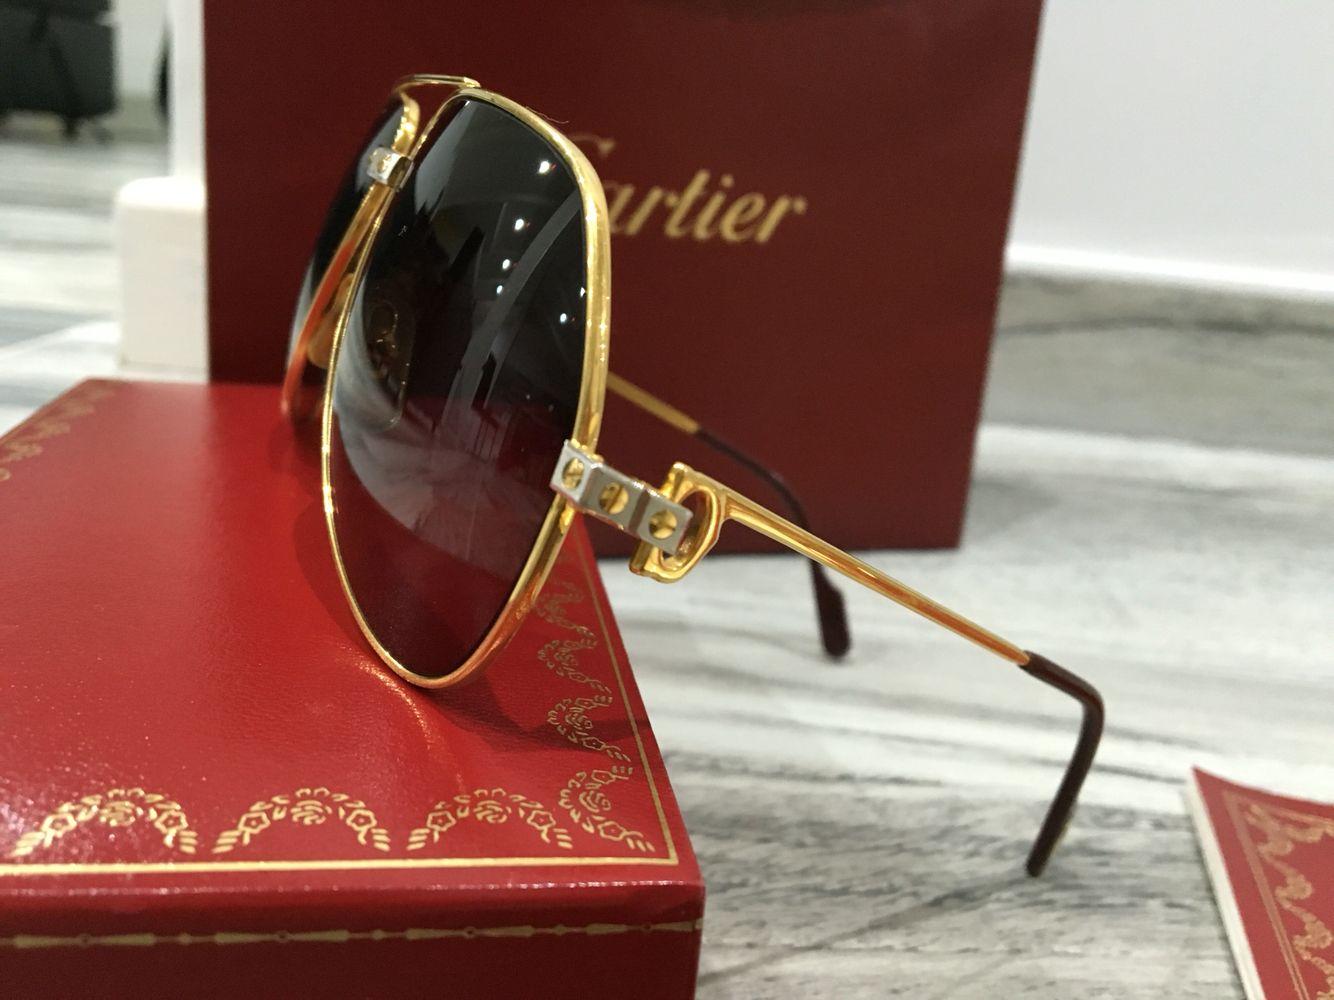 919e70f8ffb Must de Cartier Santos Vendome occhiali taglie 59-14 e 62 14 corredo  completo